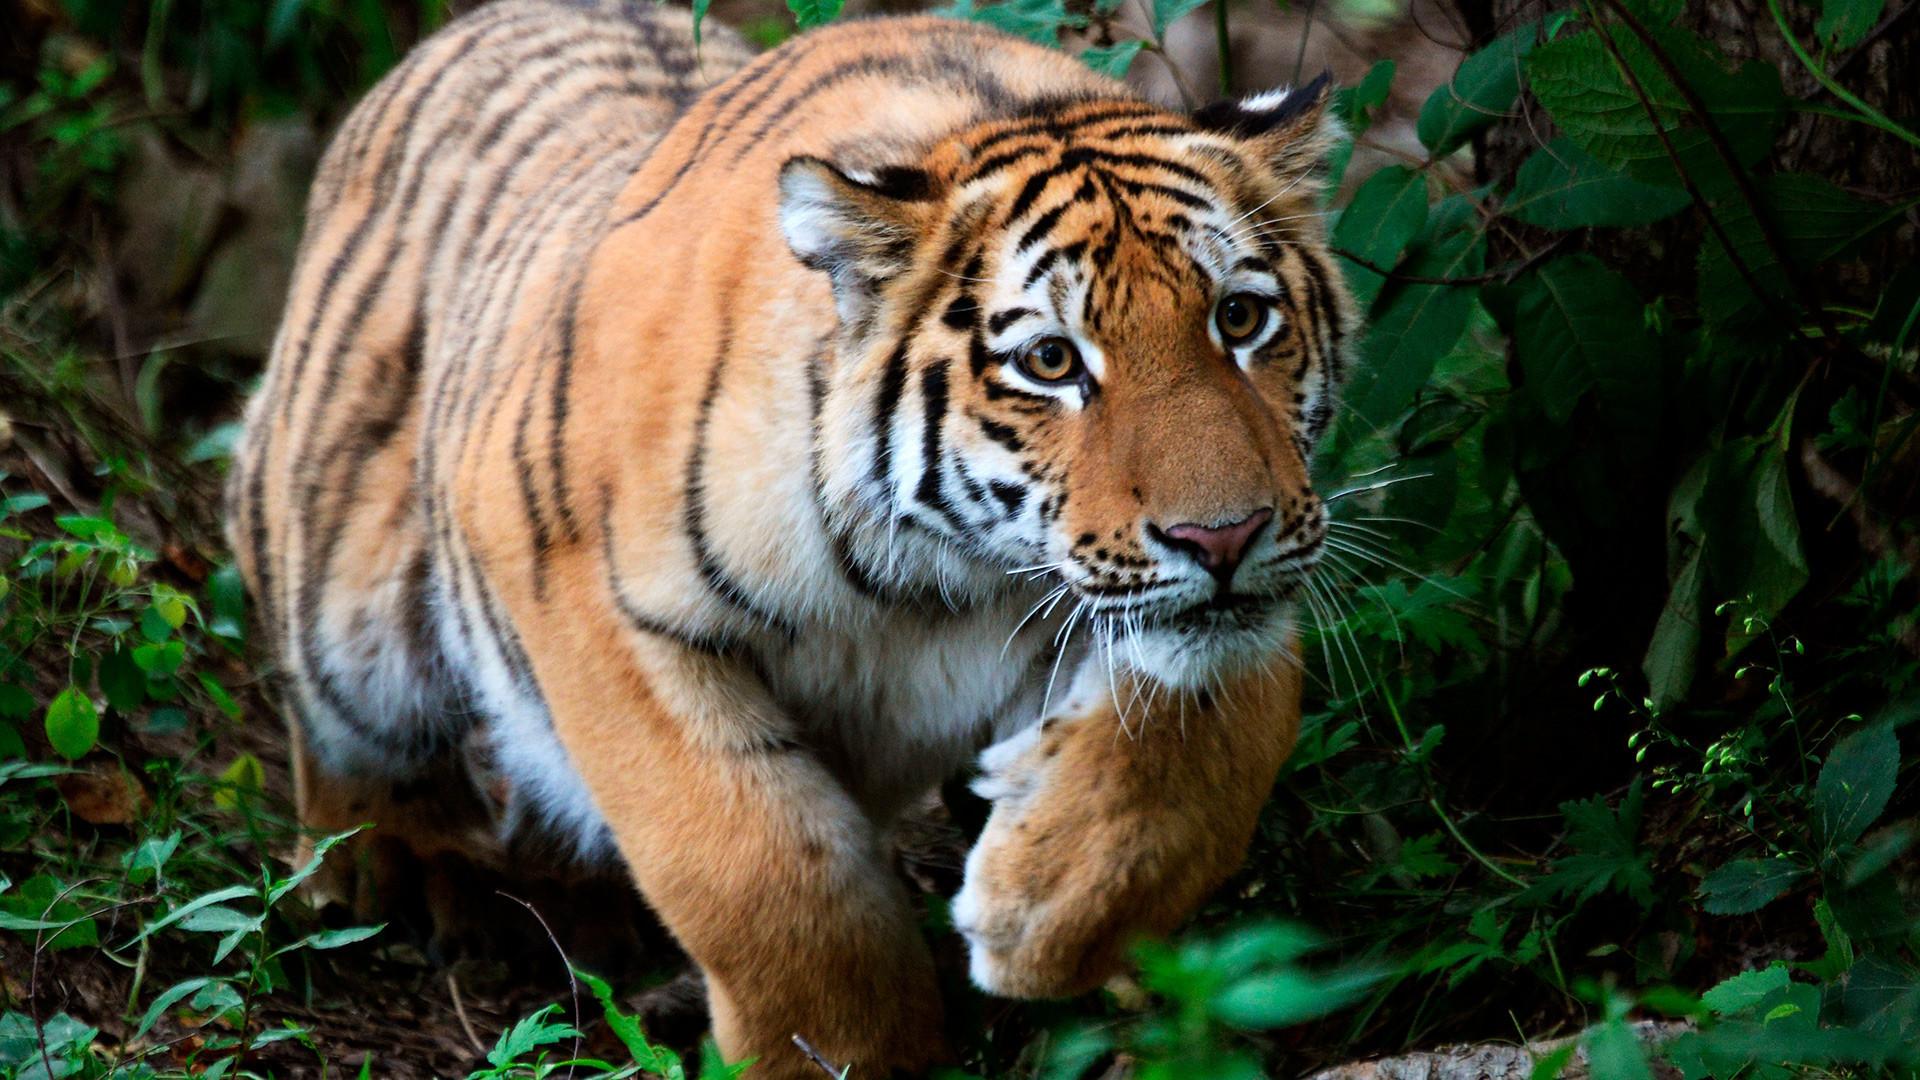 Тигарот Шерхан стар десет месеци. Младенчето на познатиот амурски тигар Амур и на тигрицата Усура. Приморски сафари-парк